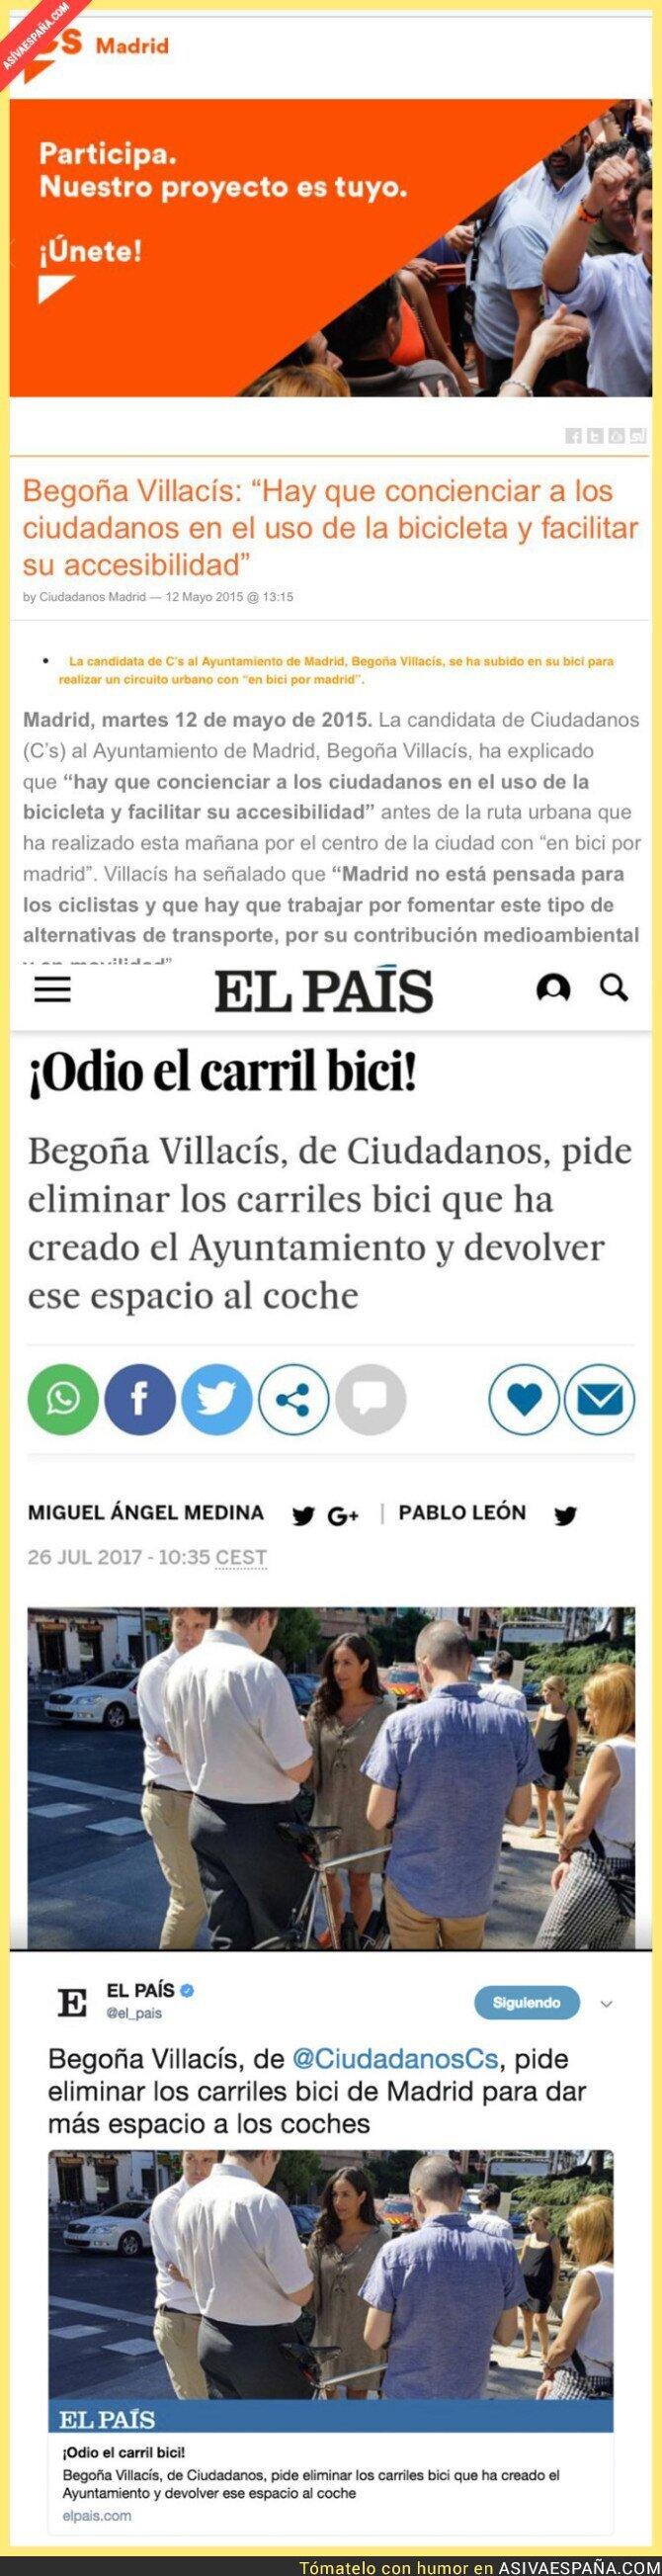 72190 - Begoña Villacís (Ciudadanos) pide eliminar los carriles bicis y le recuerdan su programa electoral